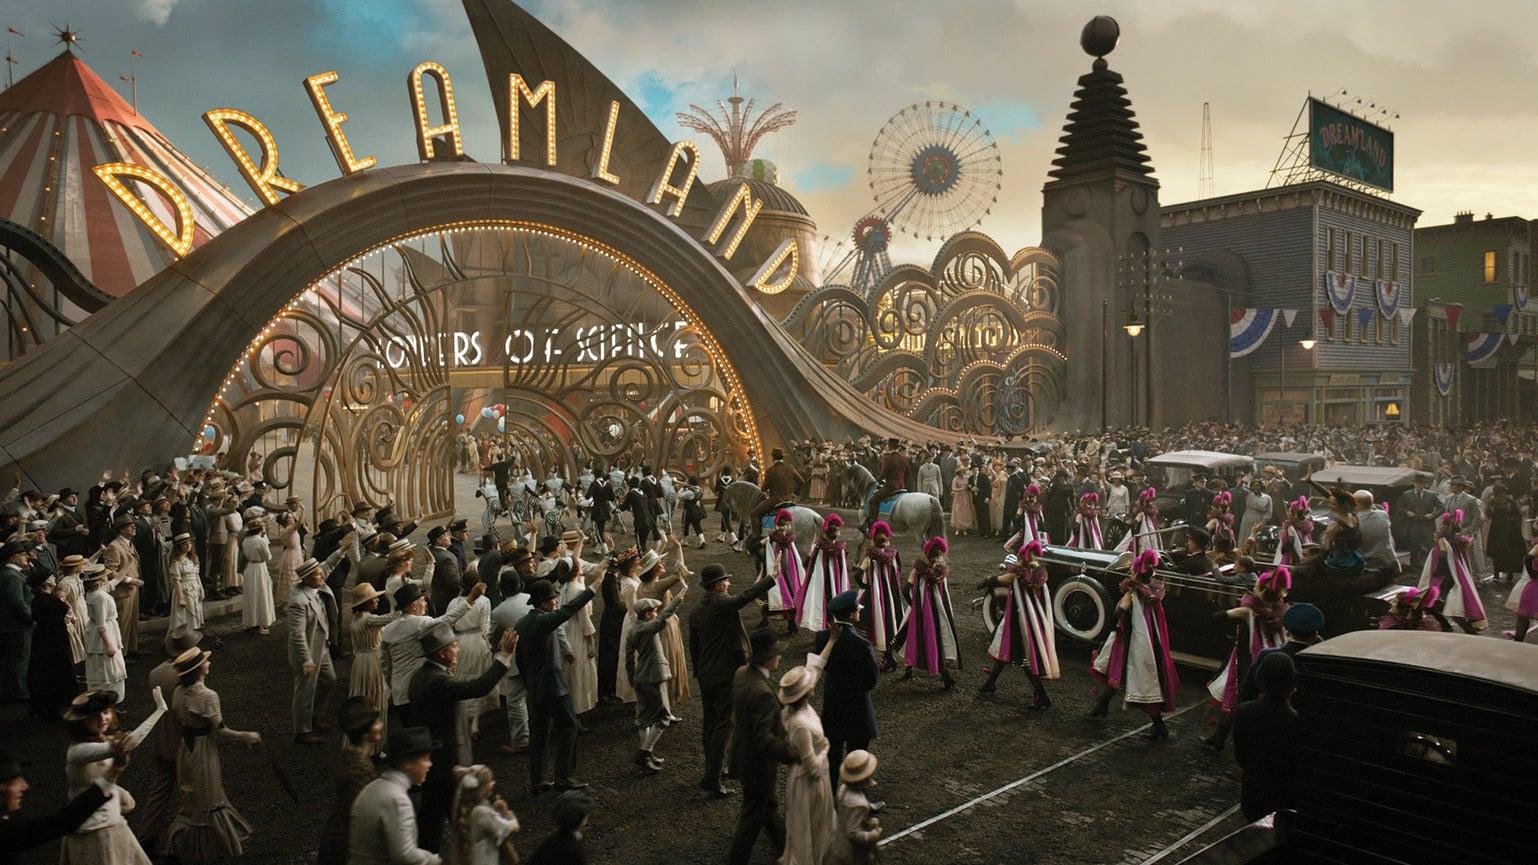 El gigantesco parque temático Dreamland también presenta su lado oscuro tras su vistosidad.